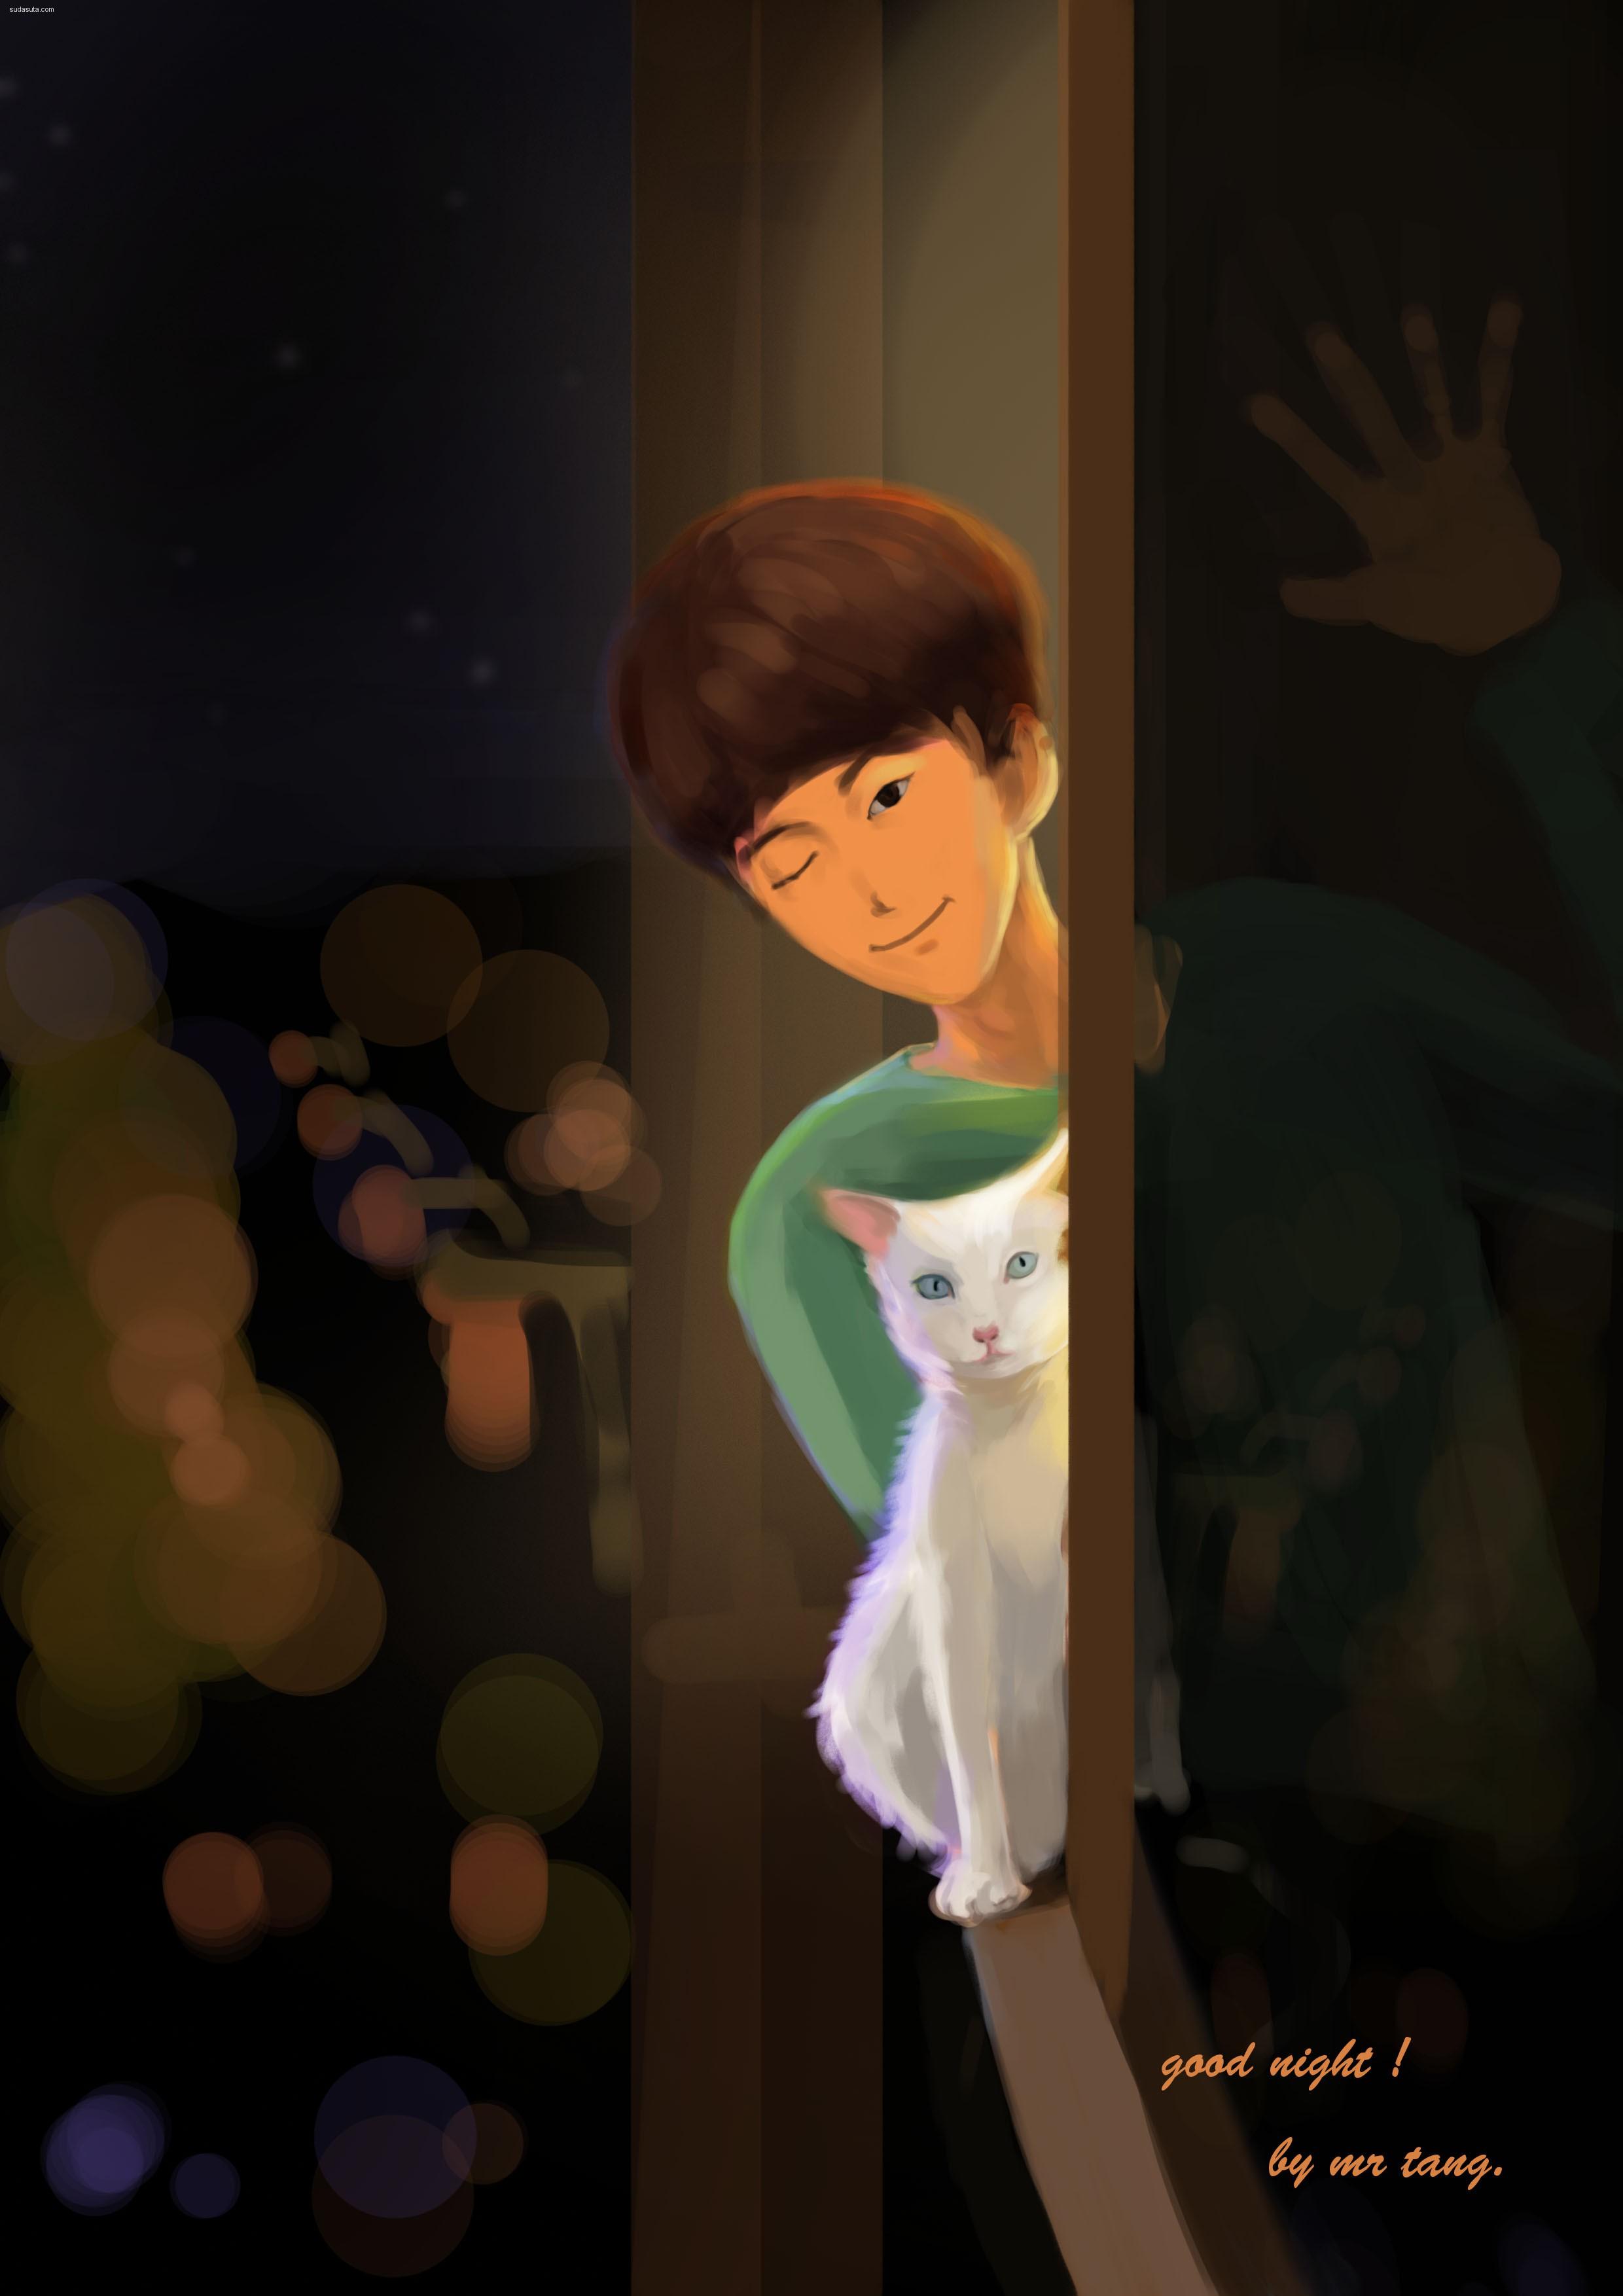 关于喵星人的主题CG欣赏